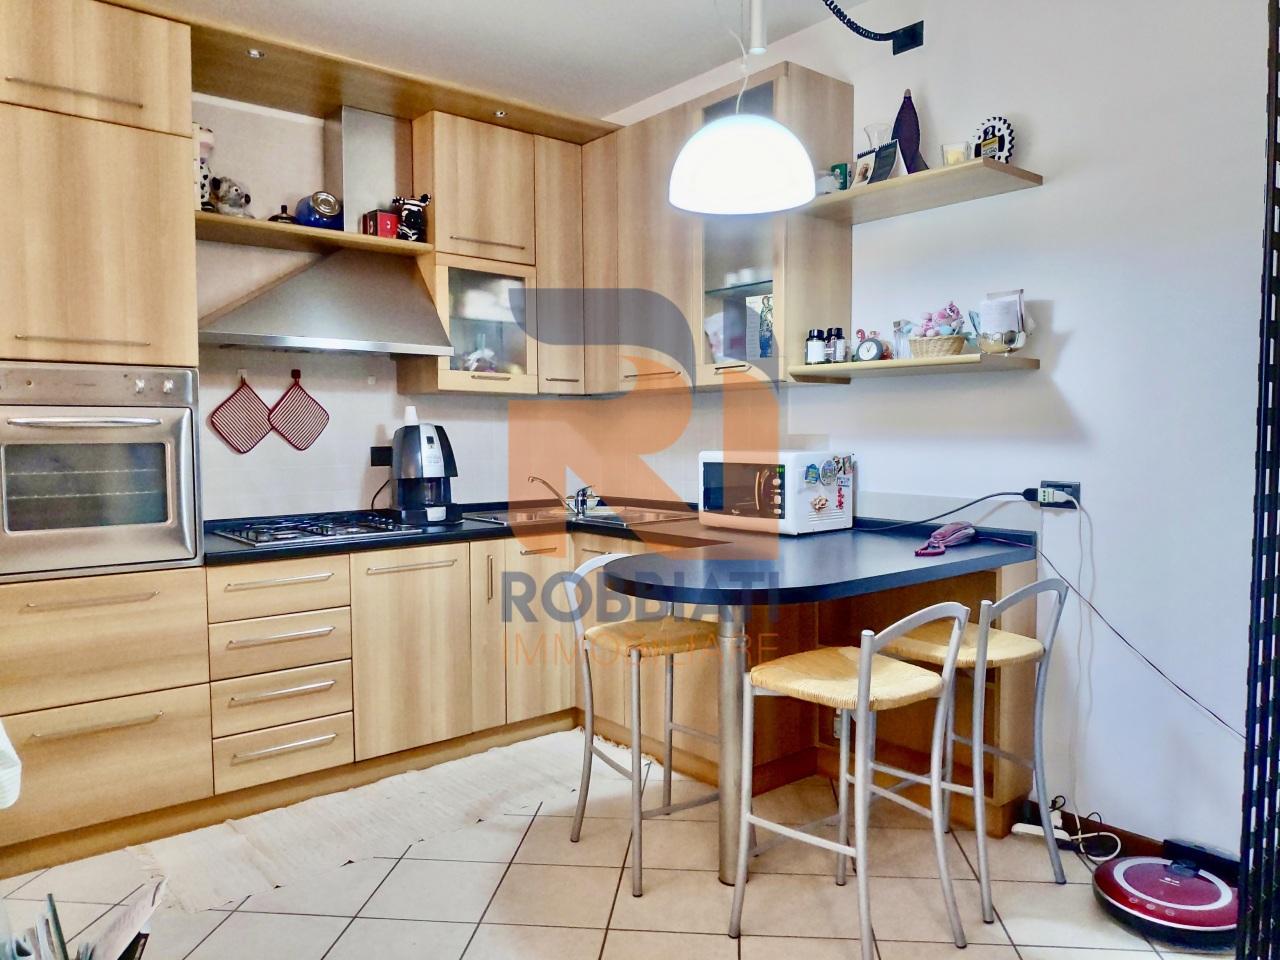 Appartamento in vendita a San Martino Siccomario, 3 locali, prezzo € 99.000 | PortaleAgenzieImmobiliari.it